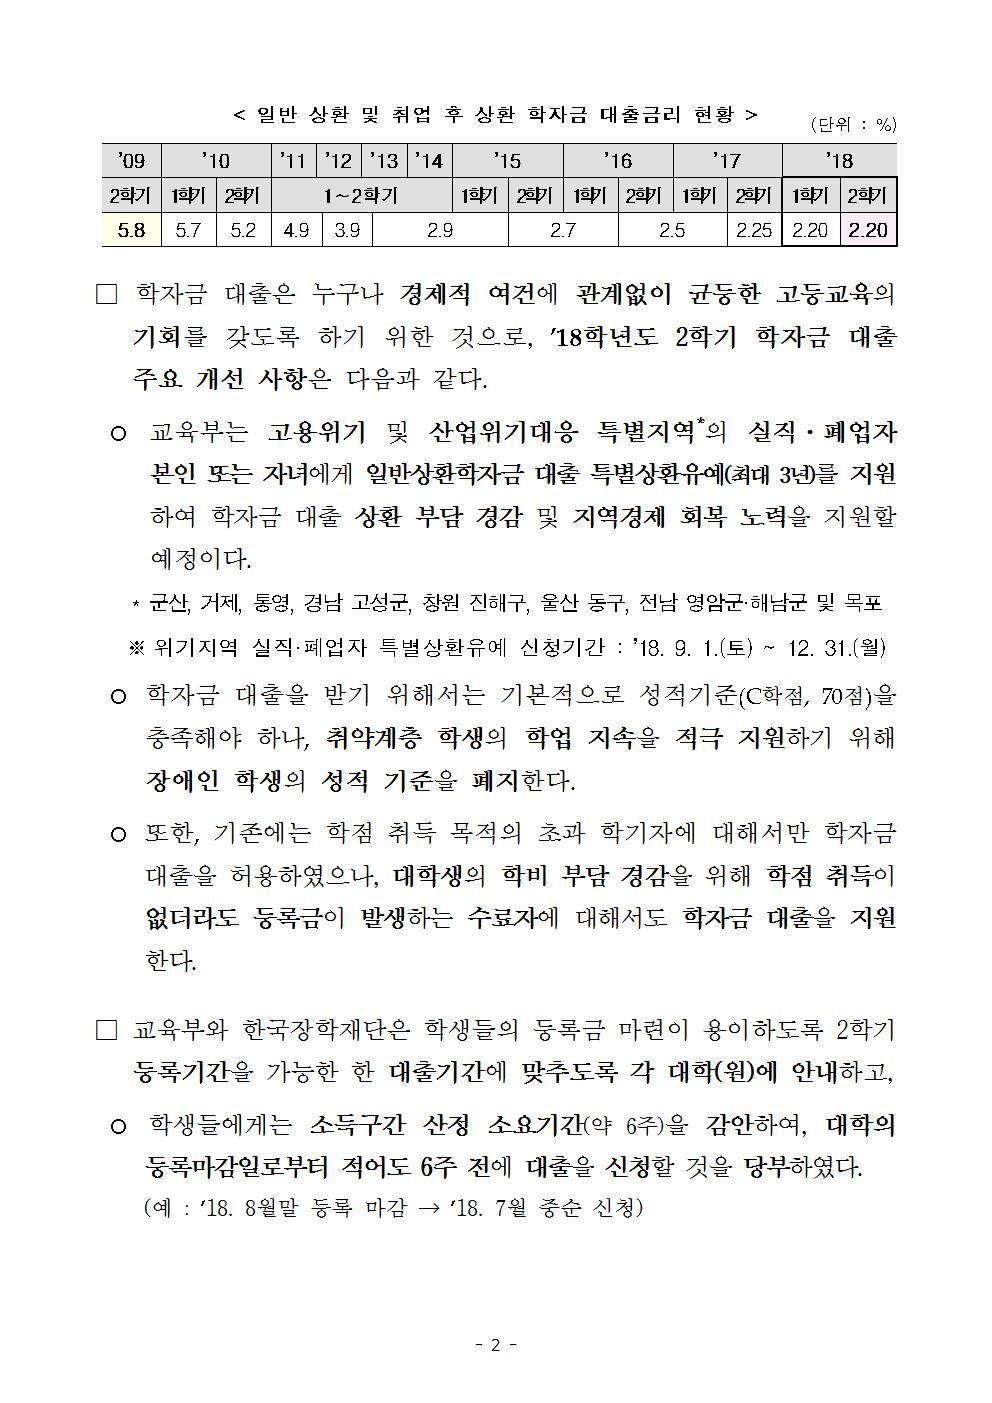 07-09(월)[보도자료] 18년 2학기 학자금대출 시행002.jpg